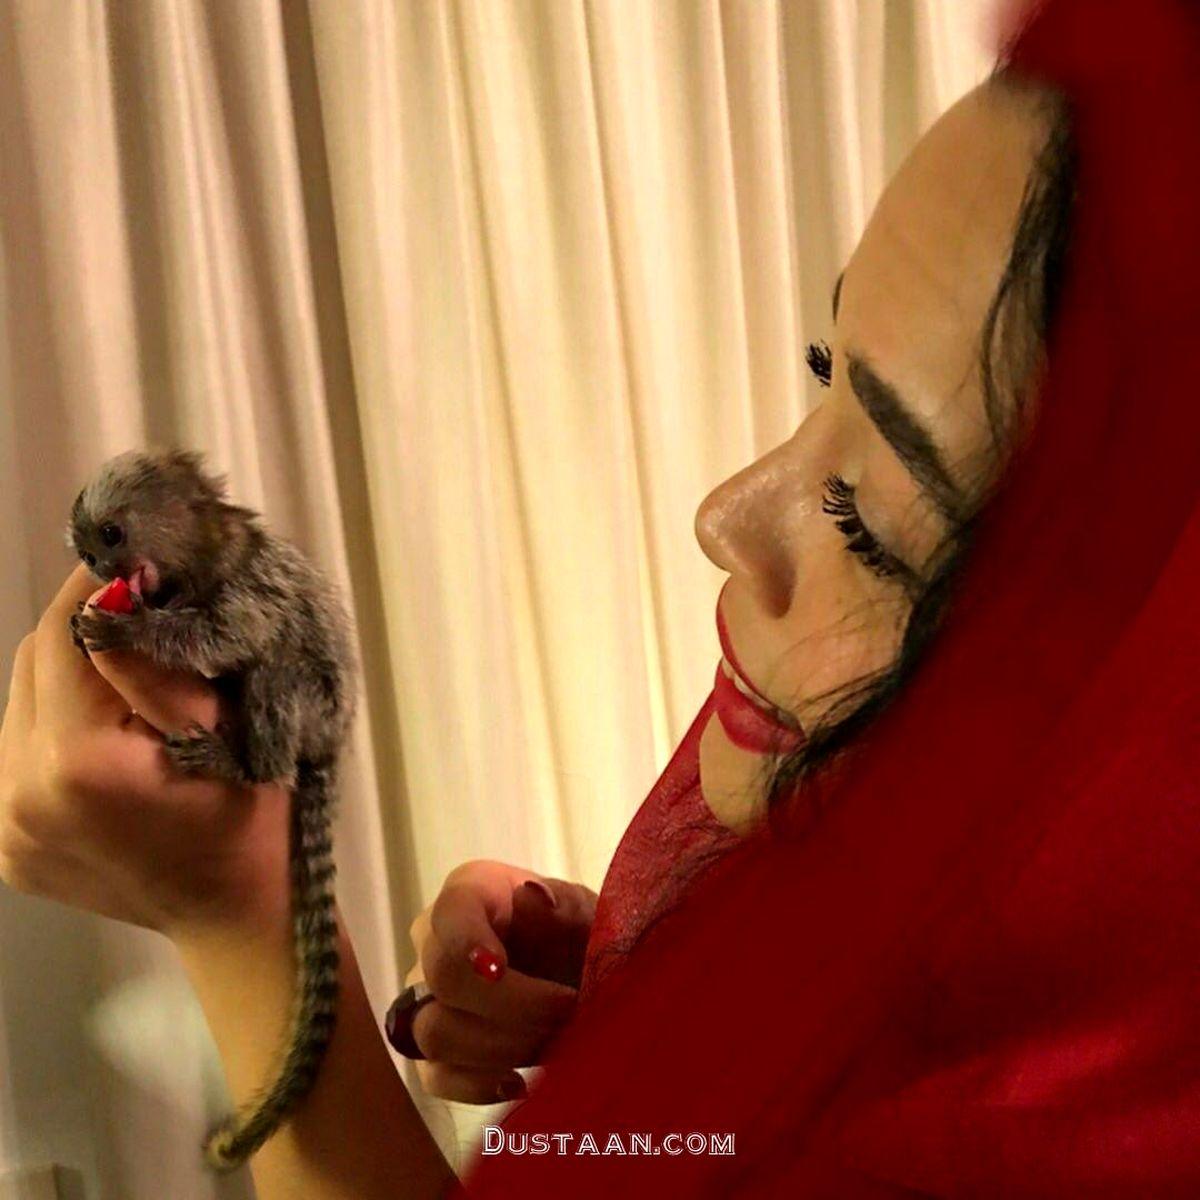 روسری قرمز و آرایش عجیب ملیکا شریفی نیا+عکس